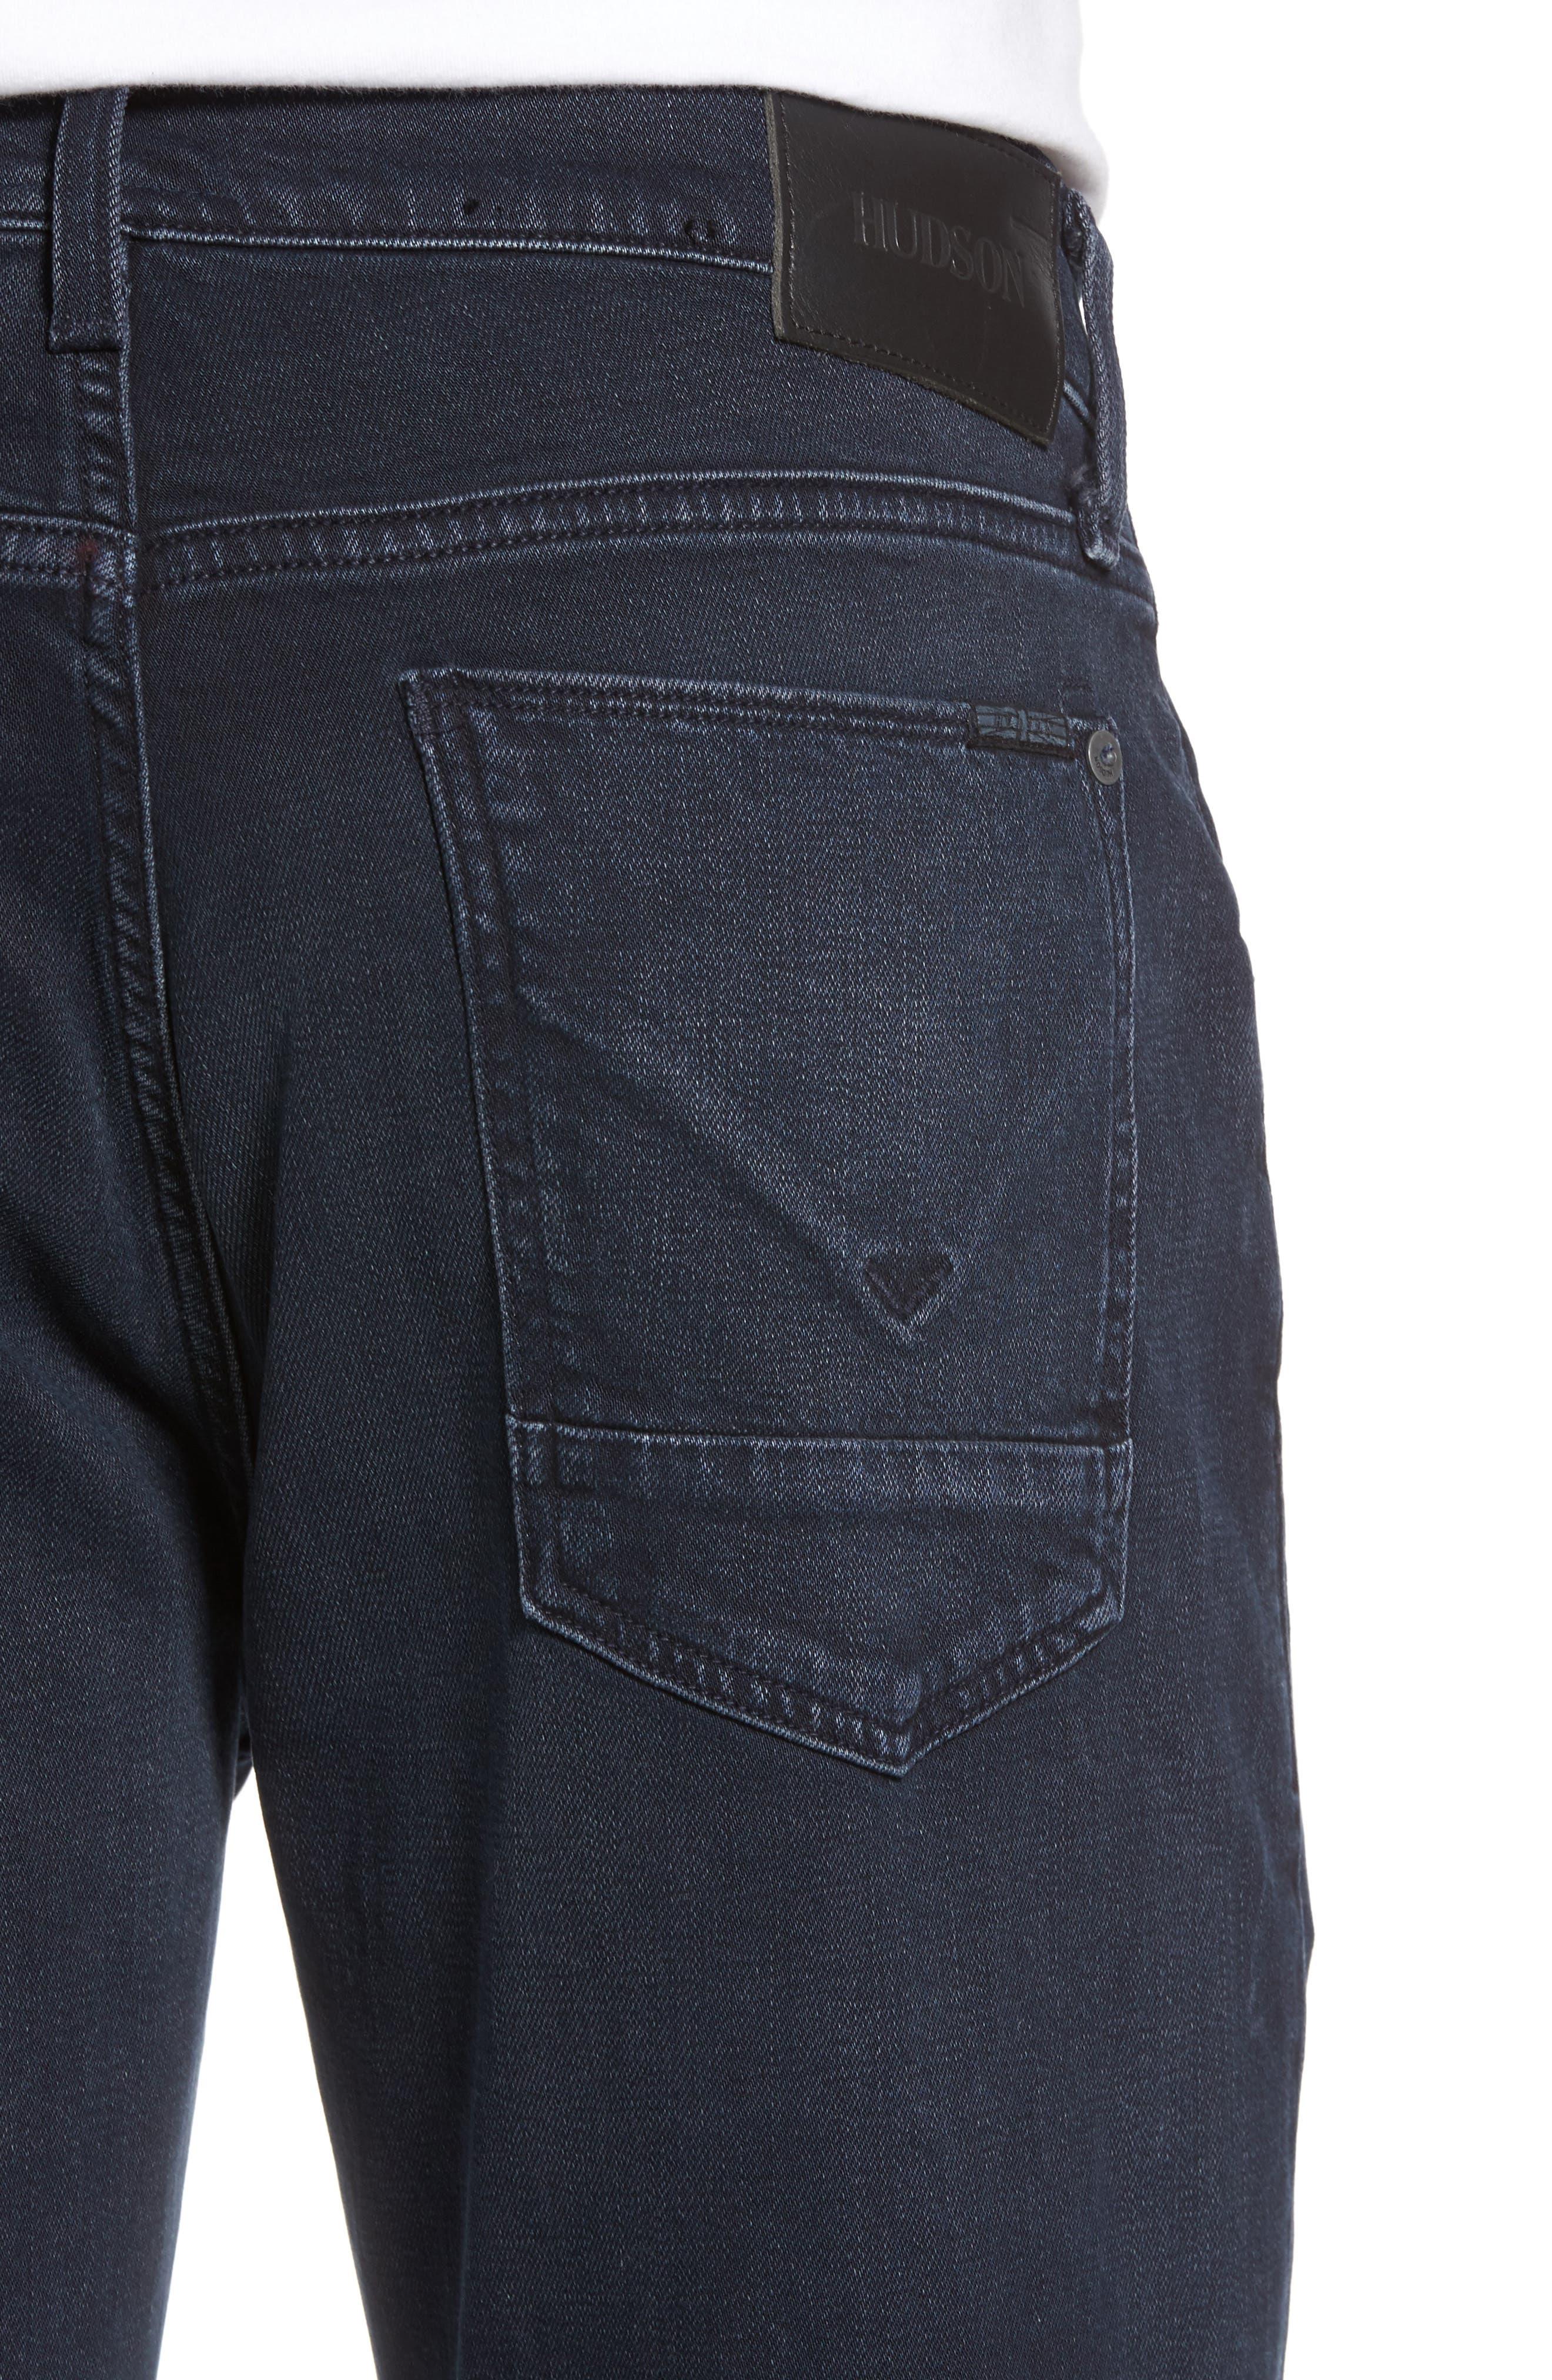 Byron Slim Straight Leg Jeans,                             Alternate thumbnail 4, color,                             Threaten